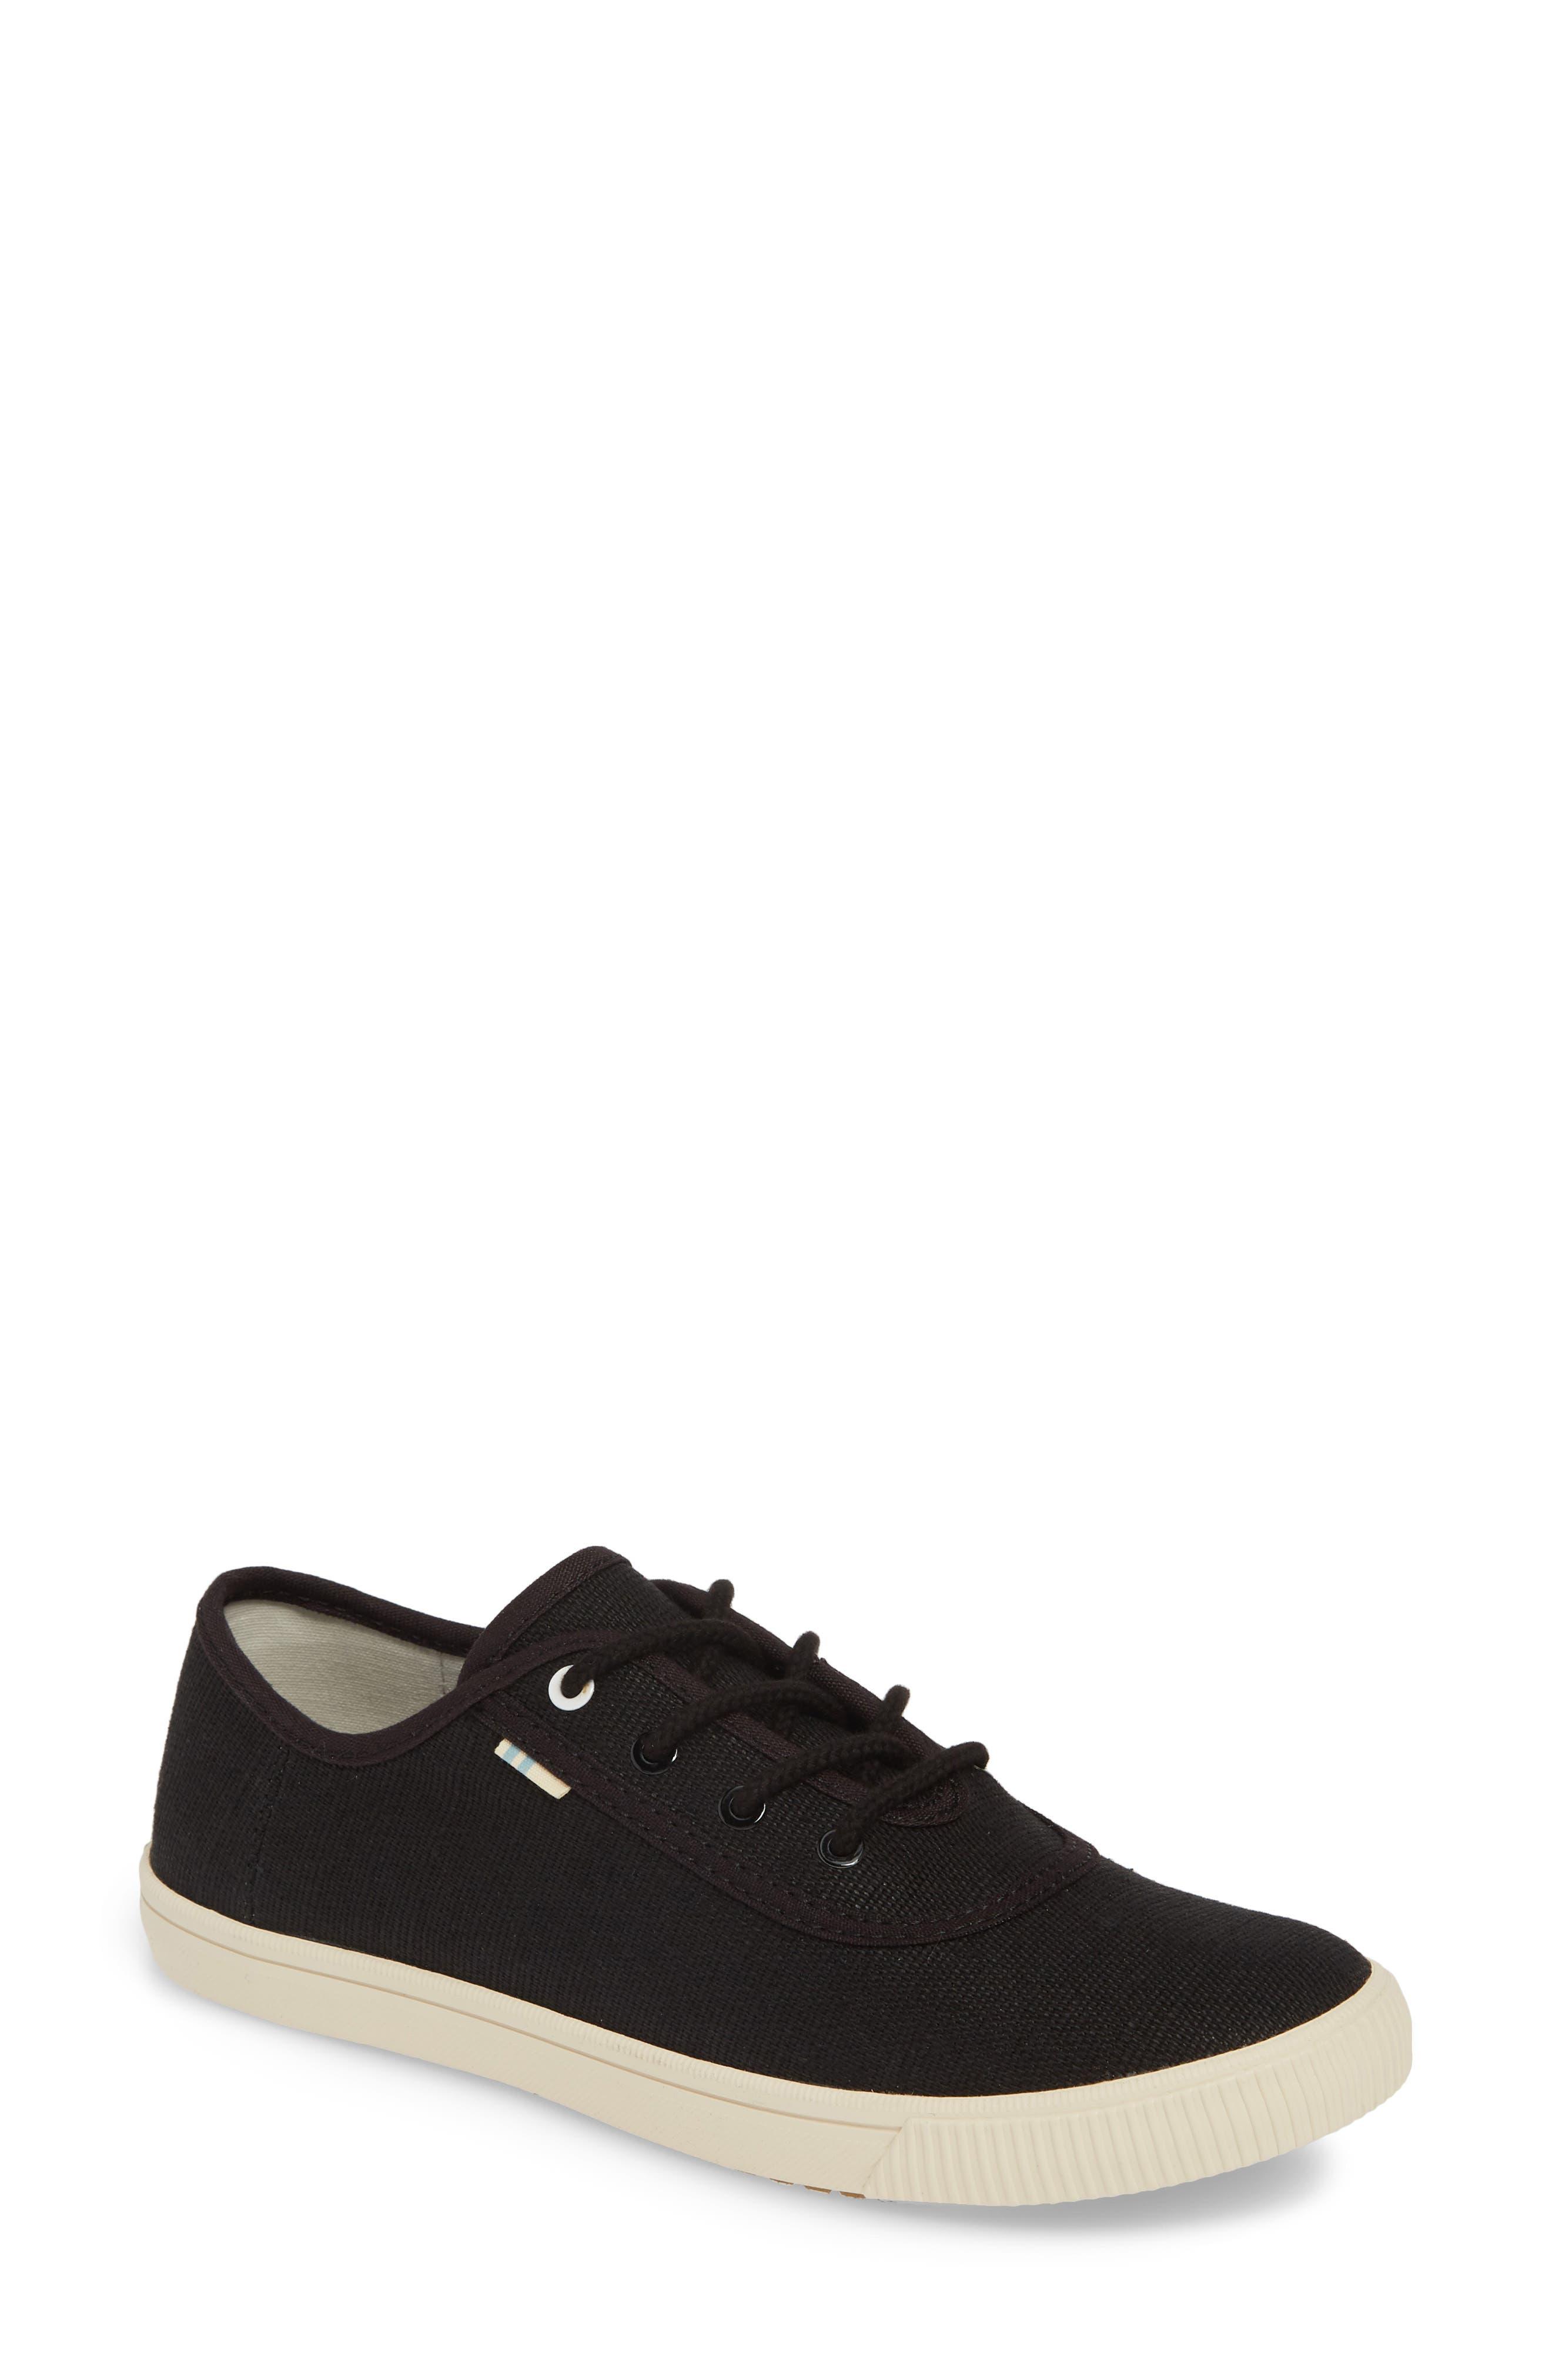 181f193cfaf TOMS Women s Sneakers